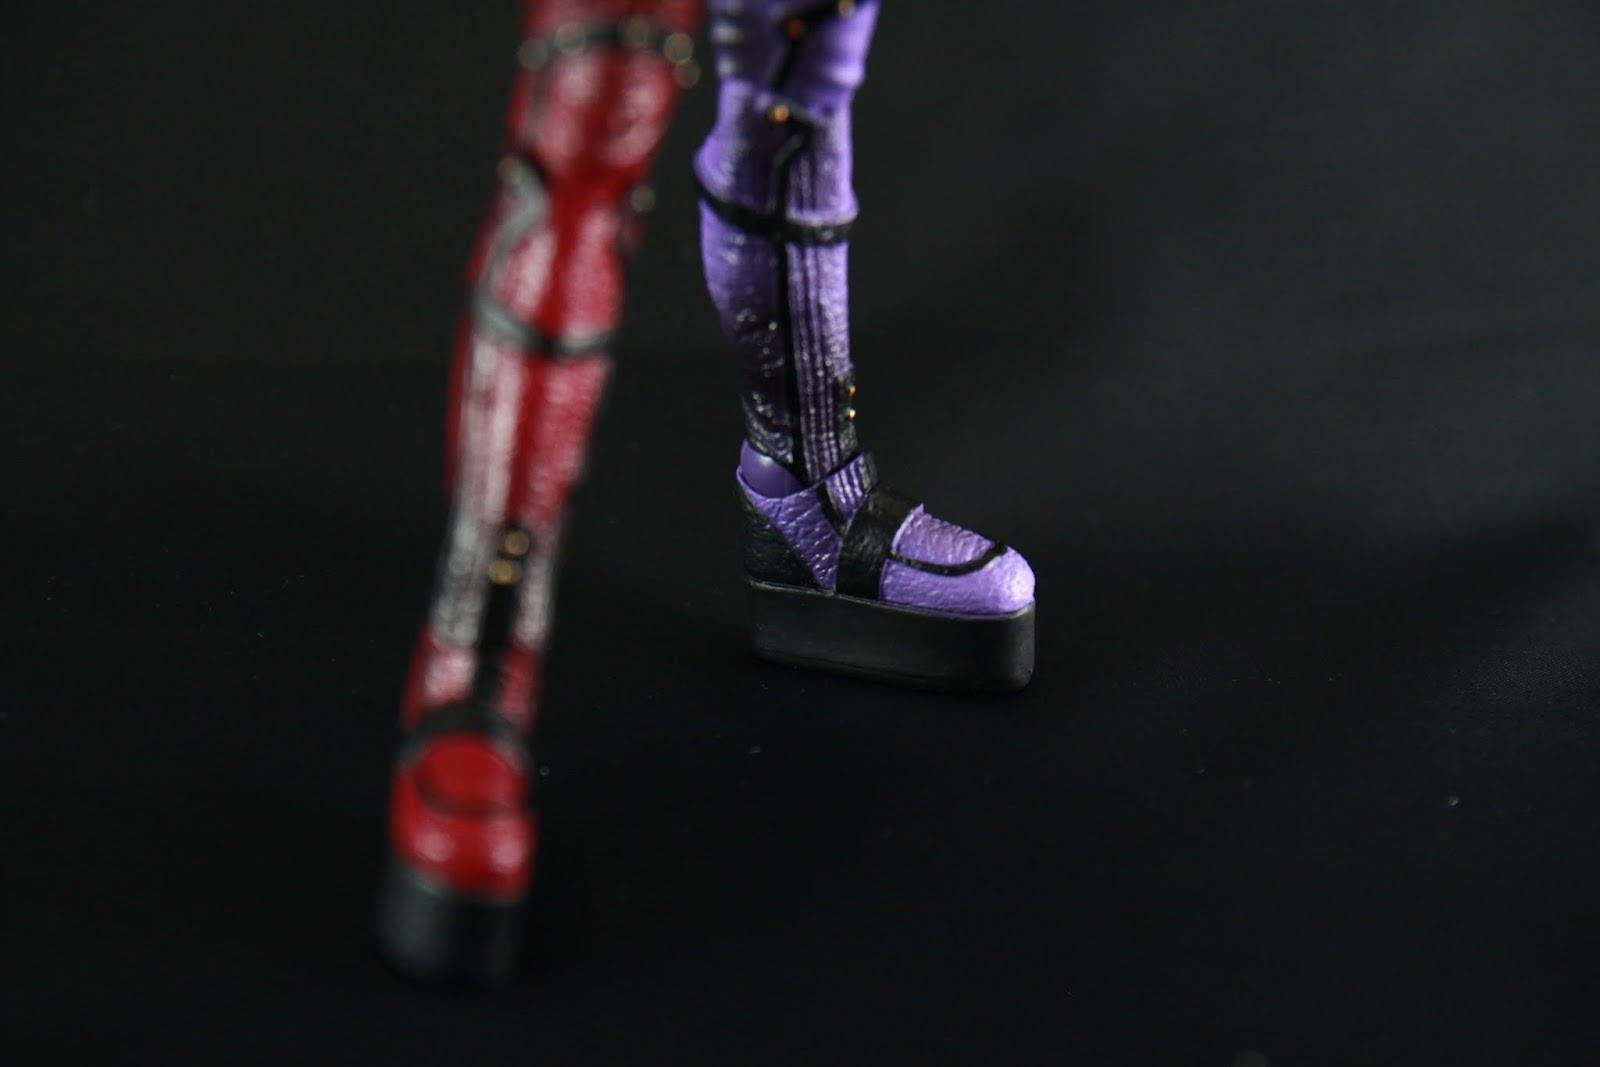 過膝長靴不僅是過膝而已 它還是恨天高呢! 有時候真的很佩服女孩子穿這麼高的鞋在走跳 塗裝蠻仔細的 不過她跟小丑一樣因為腳底板太小 接地面很差還有踝關節不是很好調整